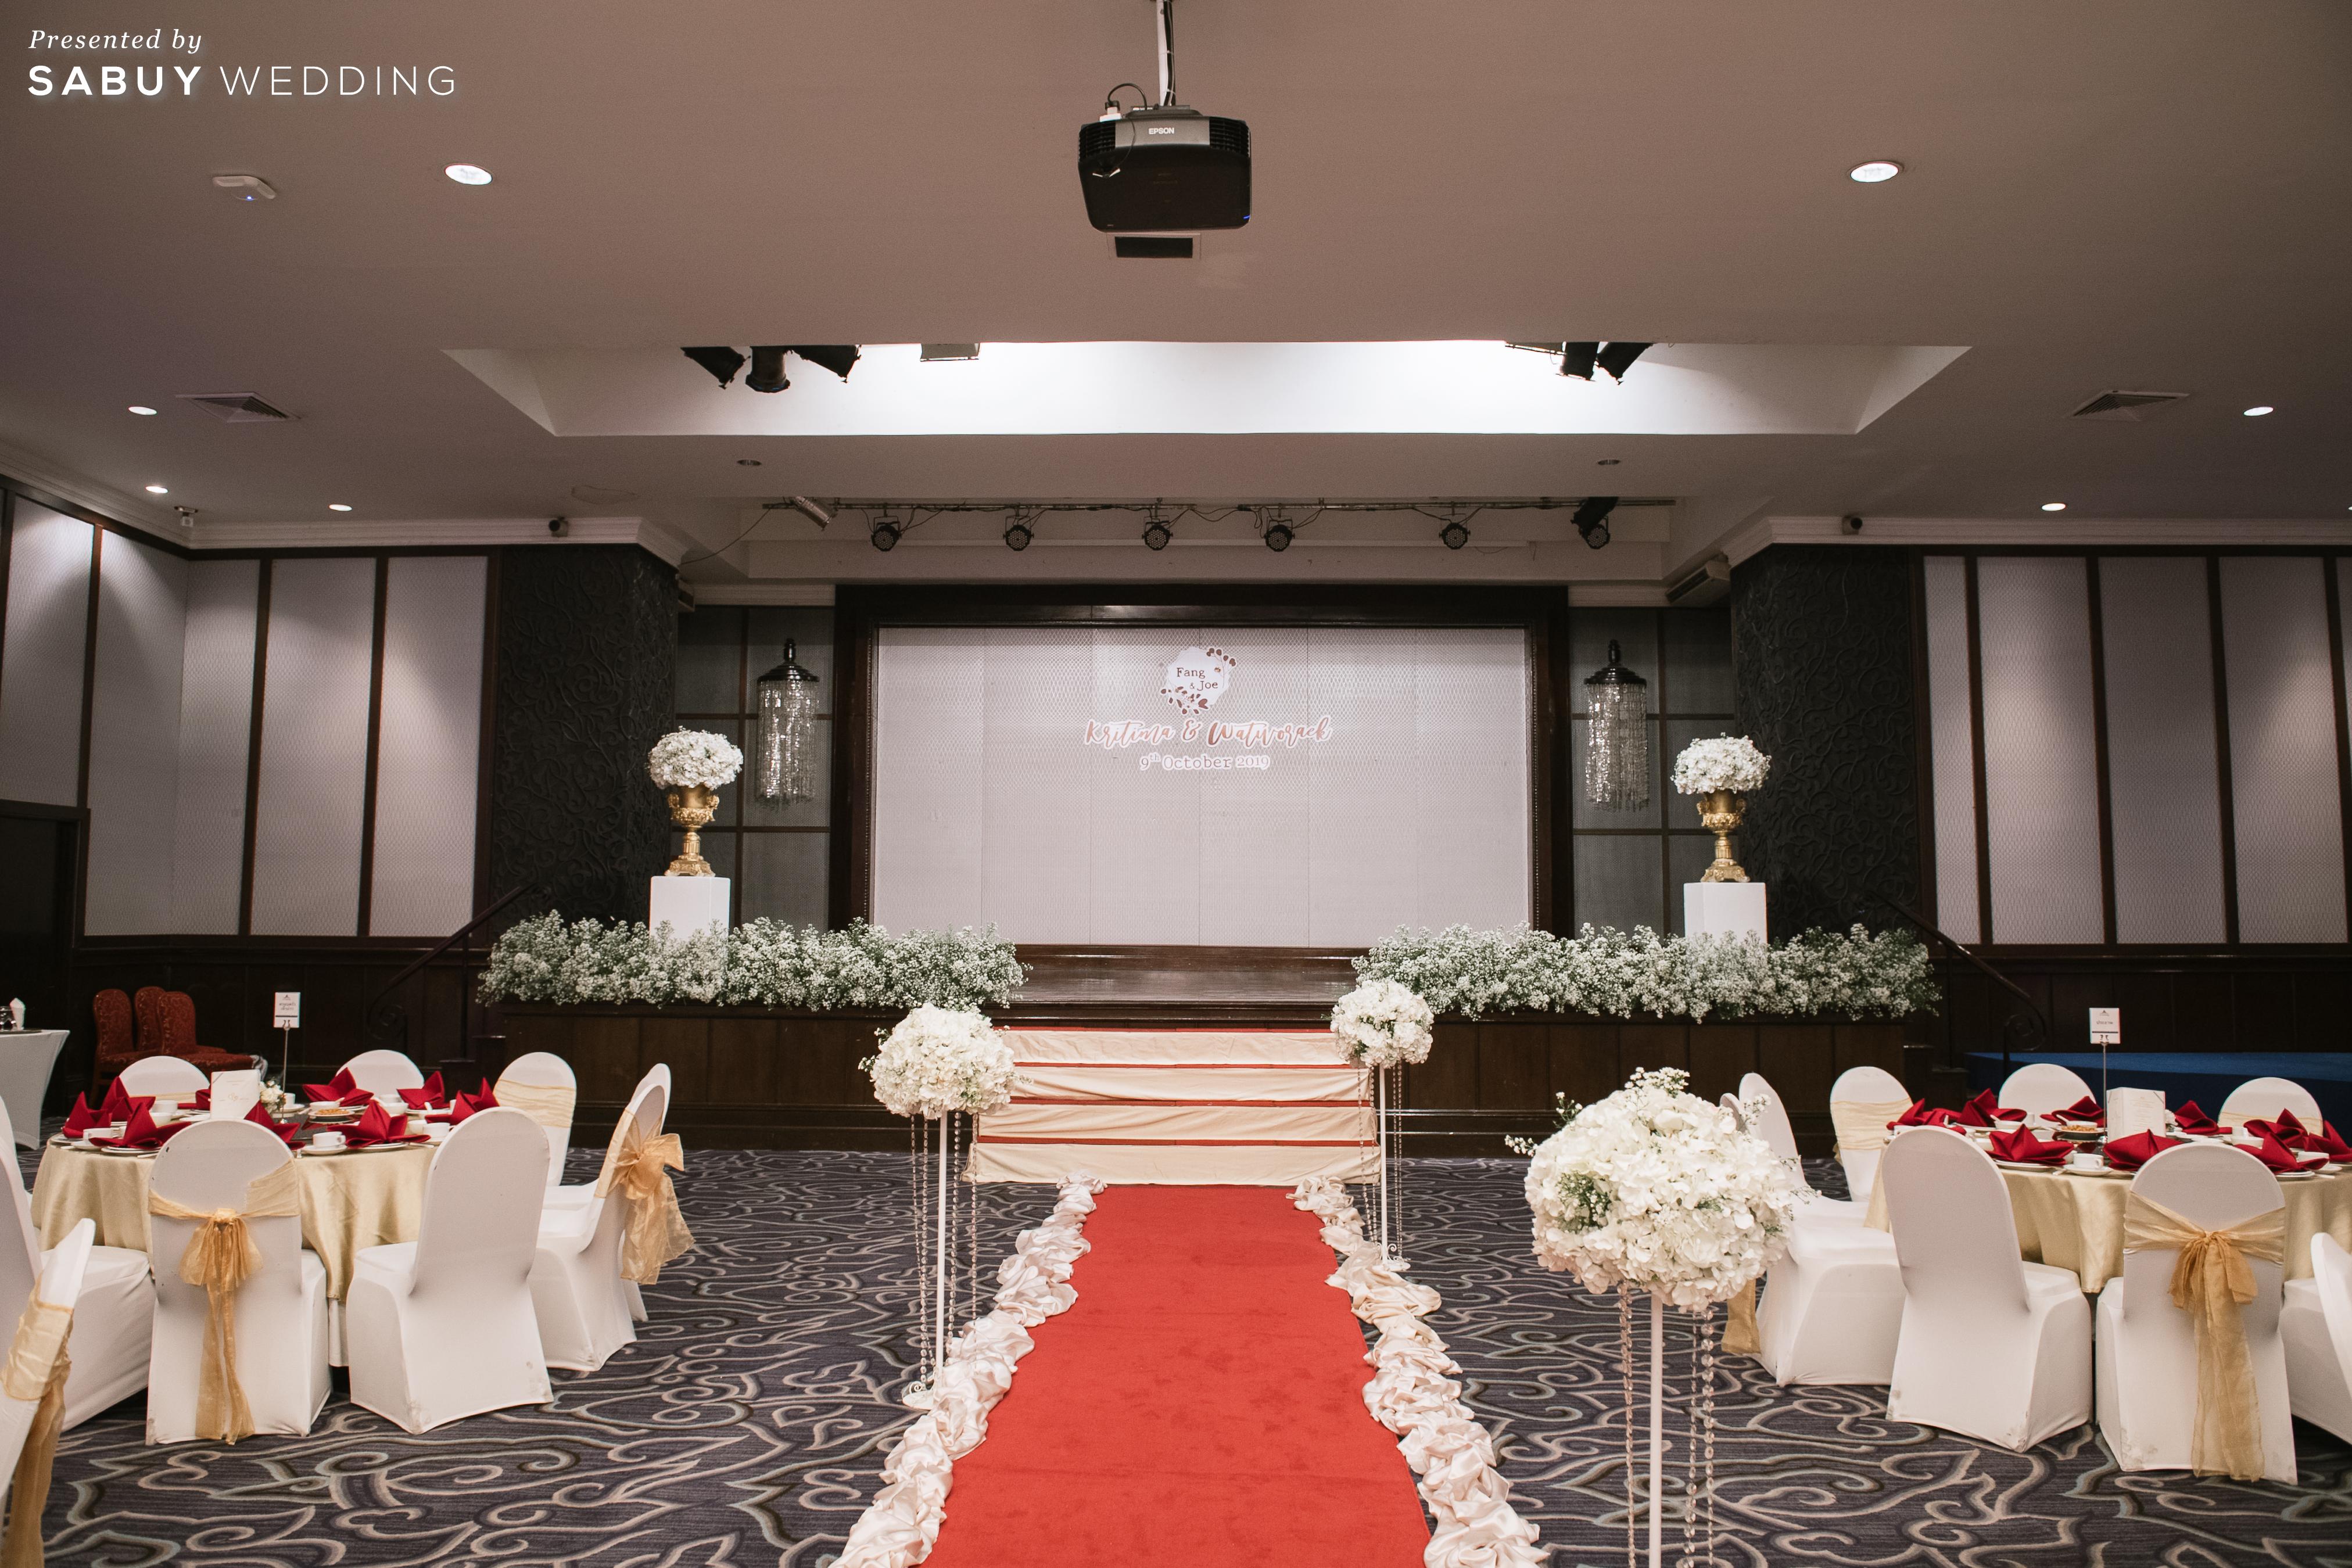 สถานที่แต่งงาน,โรงแรม รีวิวงานแต่งสุดคลาสสิก กับกิมมิคแจกของรางวัล @ Narai Hotel